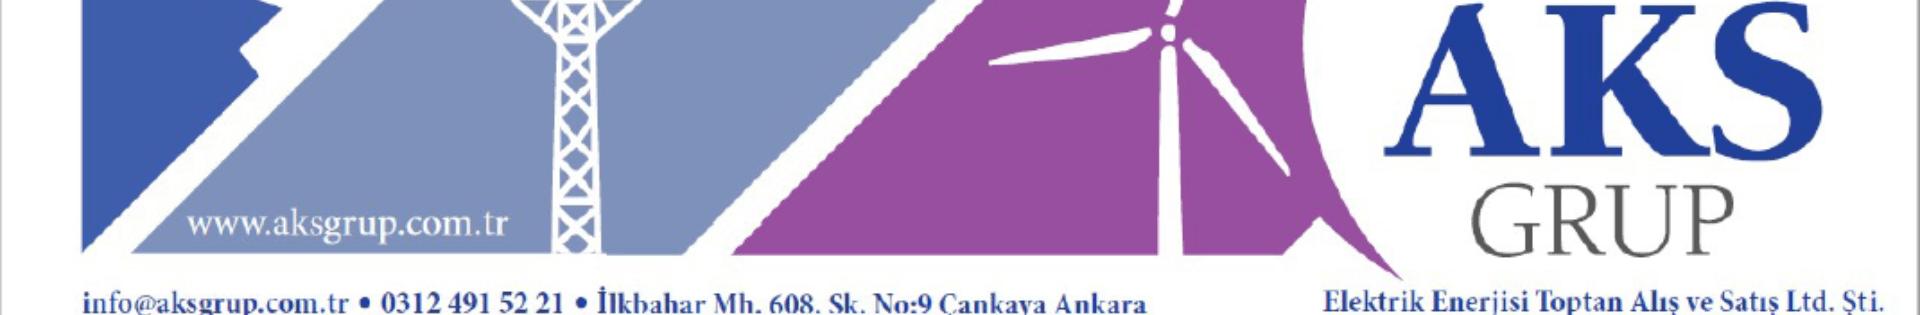 AKS Grup Elektrik Enerjisi Toptan Alış ve Satış Ltd.Şti.